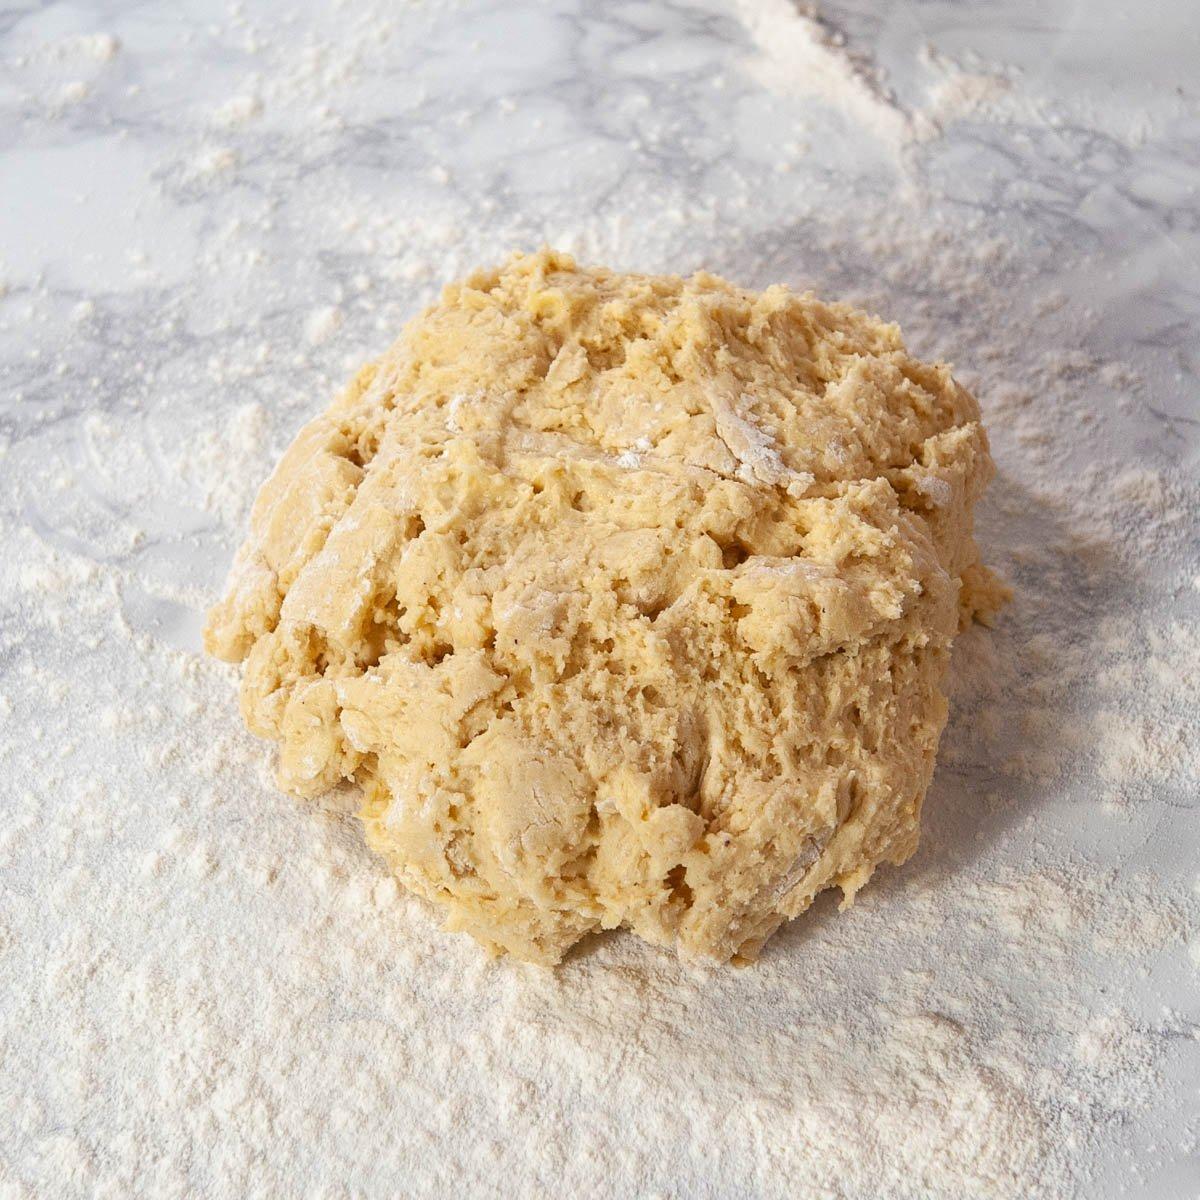 cake donut dough on a floured countertop